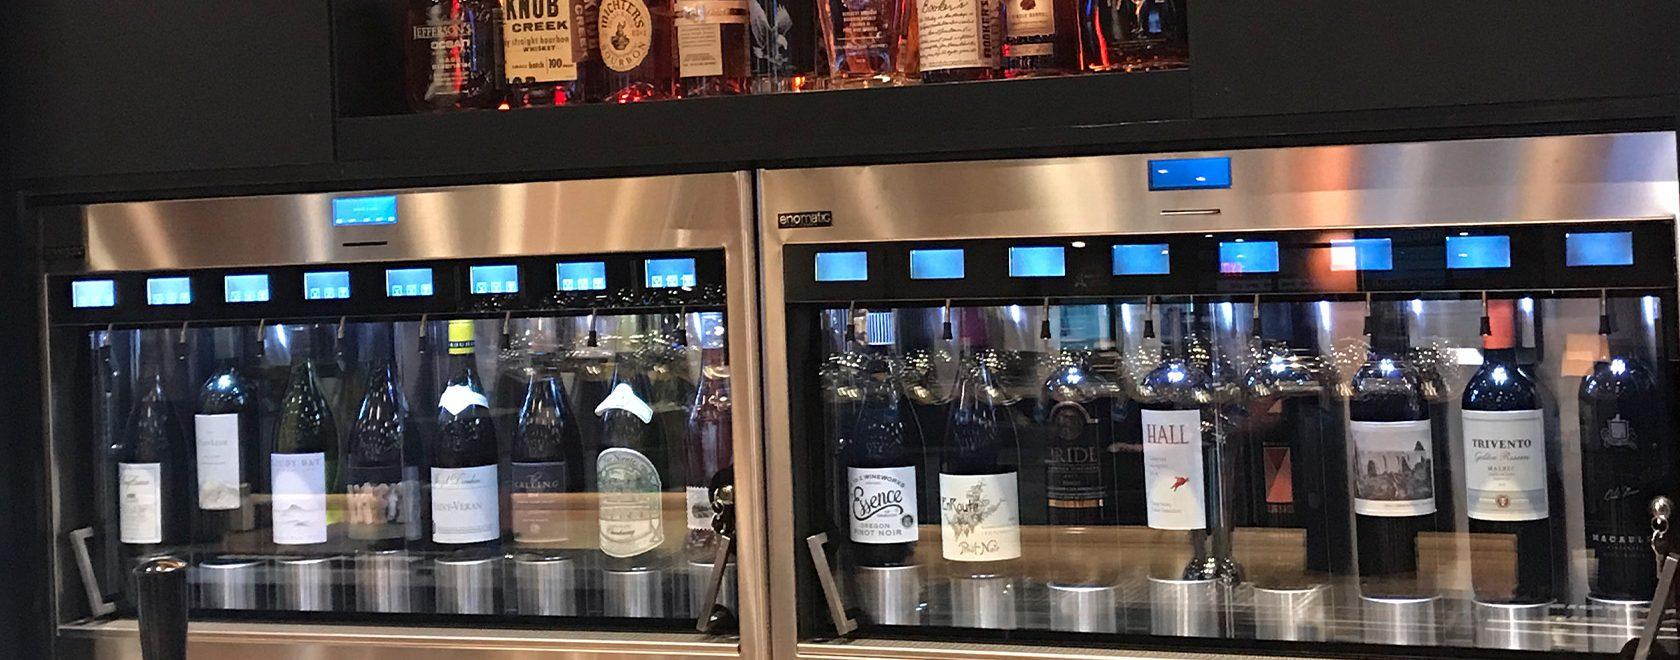 Wine bottles in Enoline Wine system